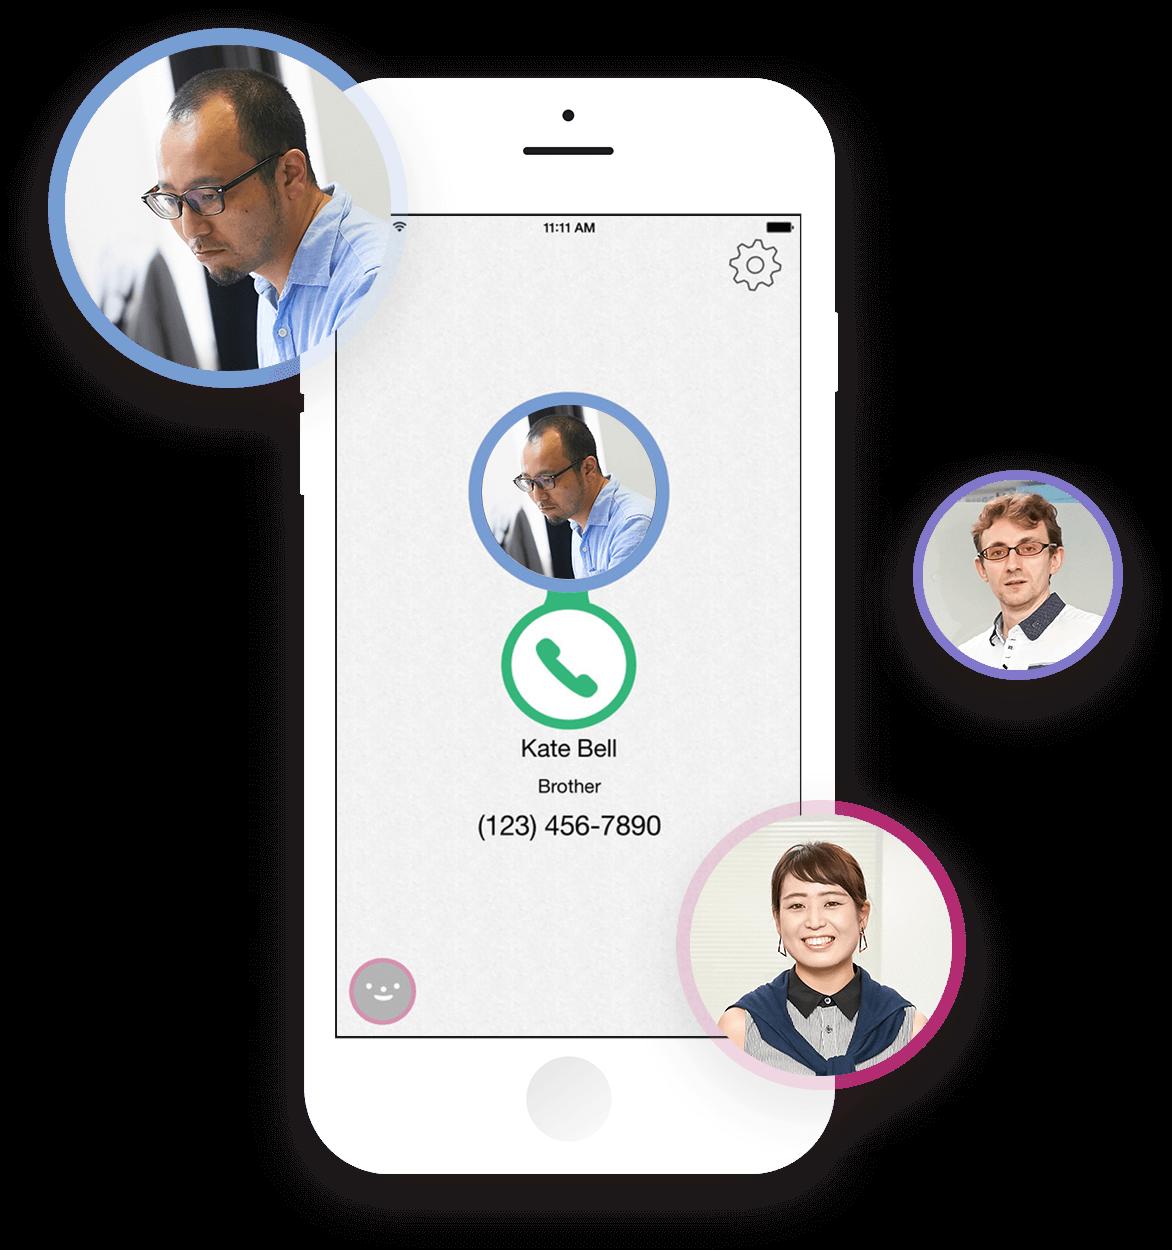 よく電話するユーザーをあらかじめ登録して、ワンタッチで電話がかけられるアプリです。